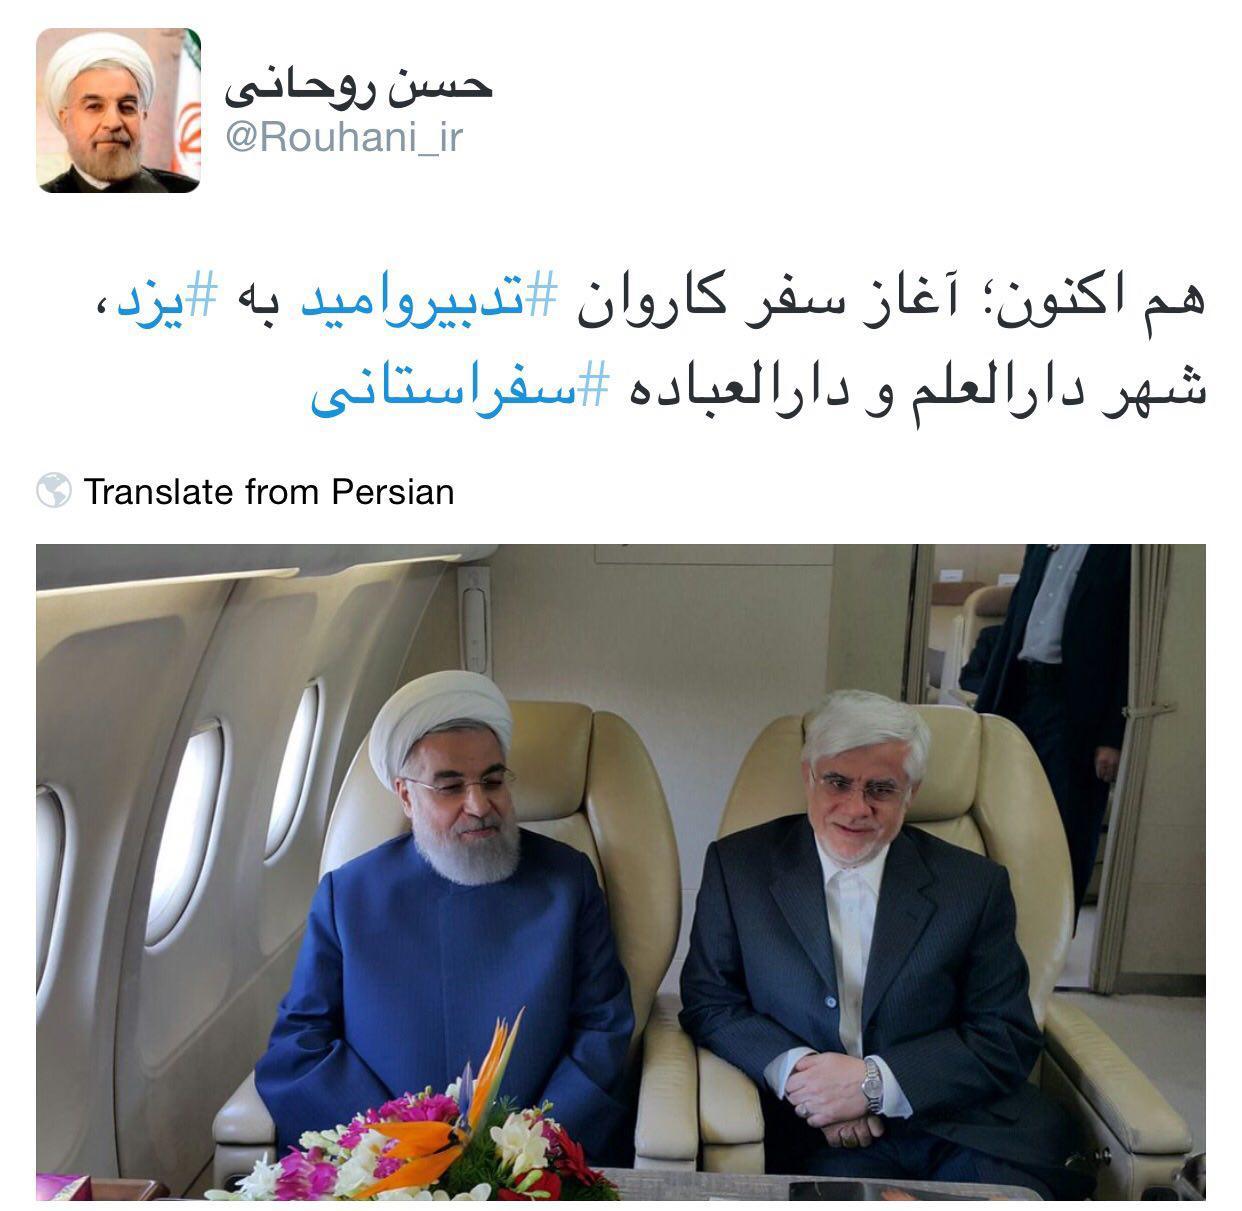 روحانی به همراه عارف راهی یزد شد (تصویر)